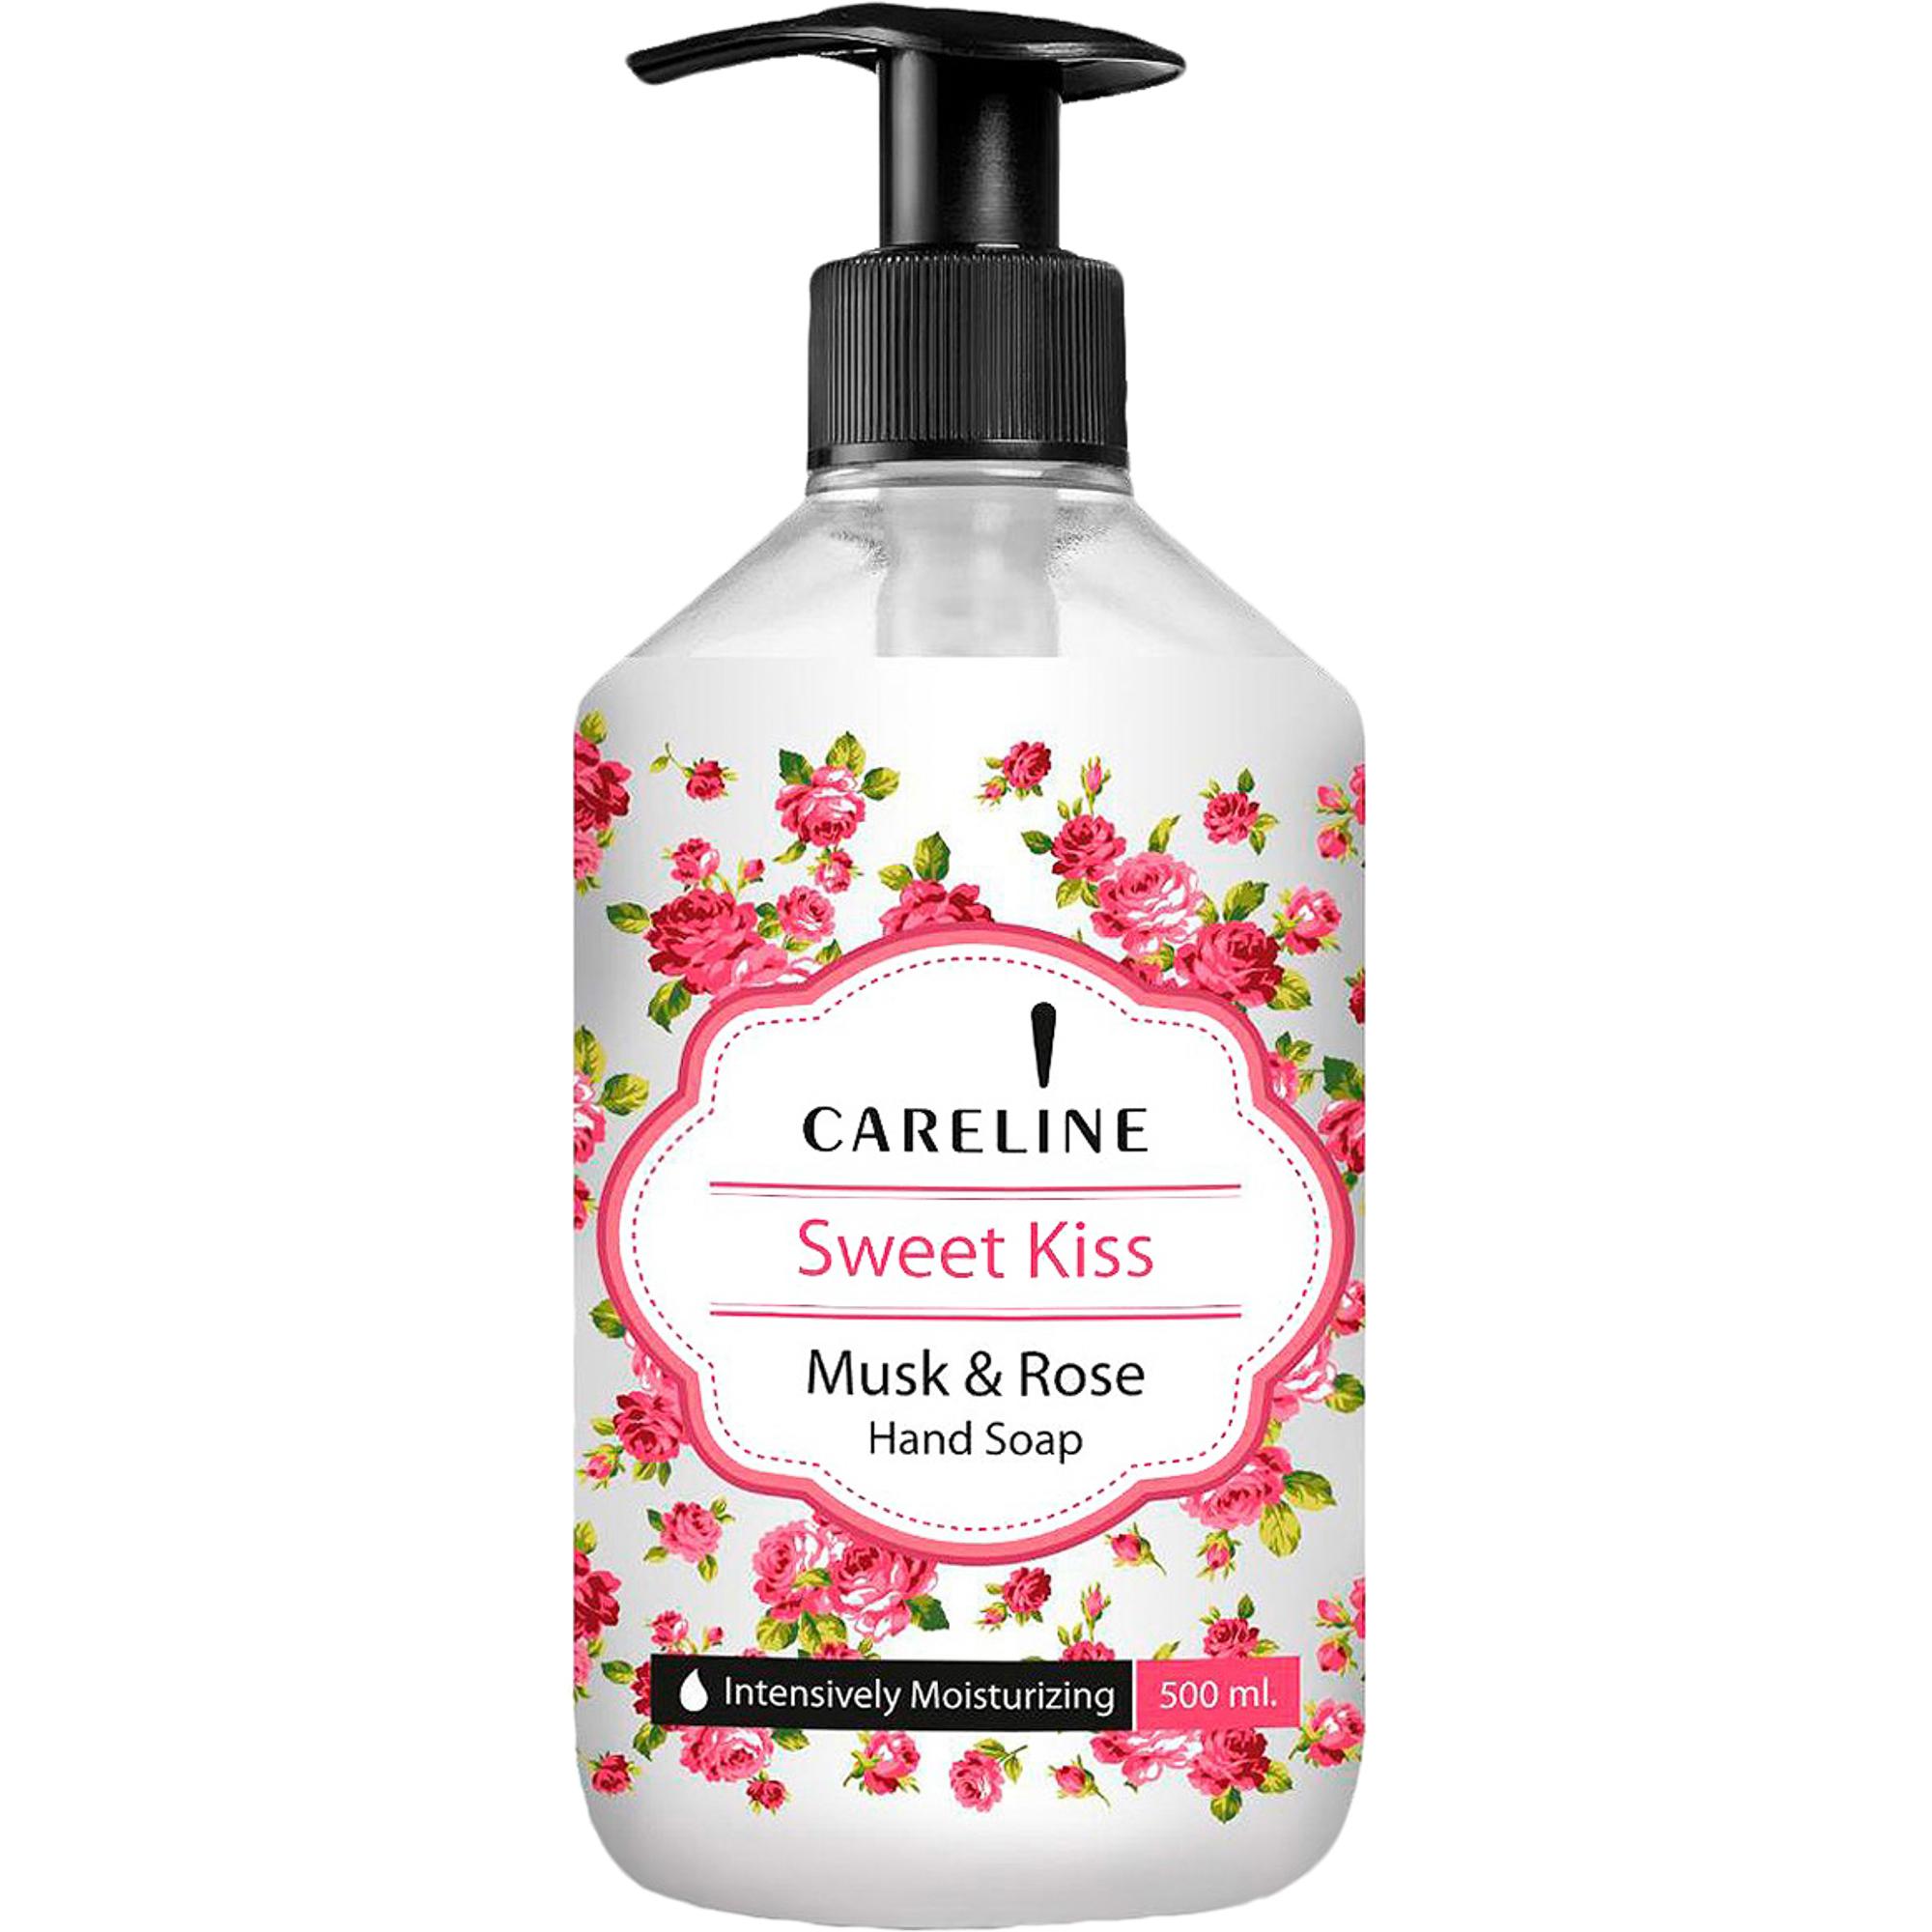 Фото - Мыло жидкое для рук Careline Поцелуй с ароматом мускусной розы 500 мл жидкое мыло для рук с ароматом лайма и имбиря чистота и свежесть 250мл